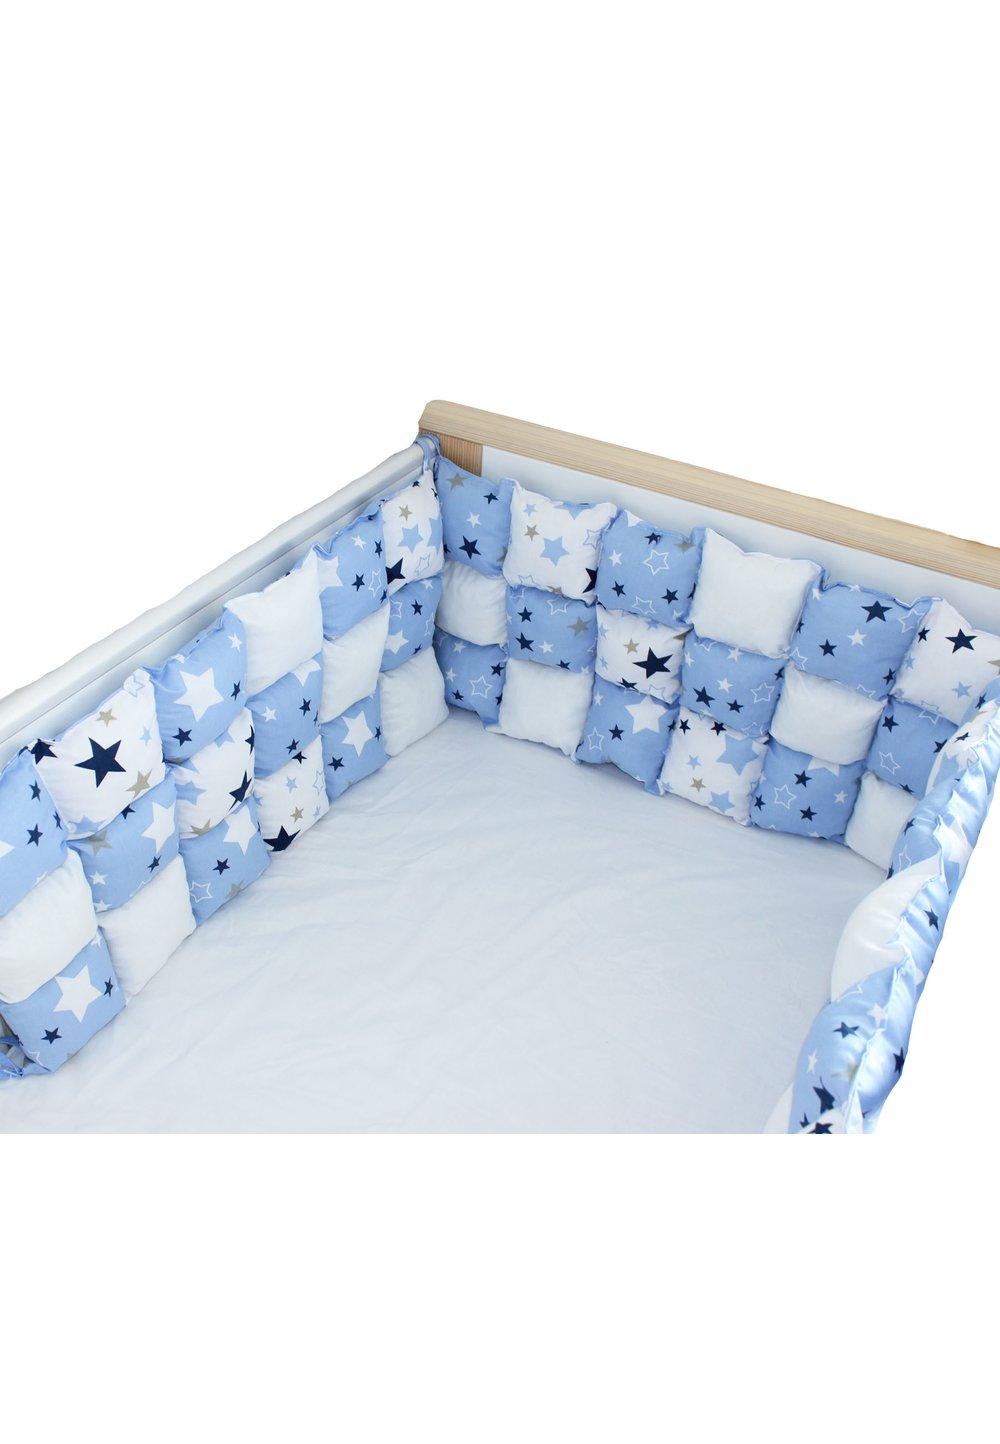 Set aparatori pufoase, stelute, albastre, 3 x 60 cm imagine